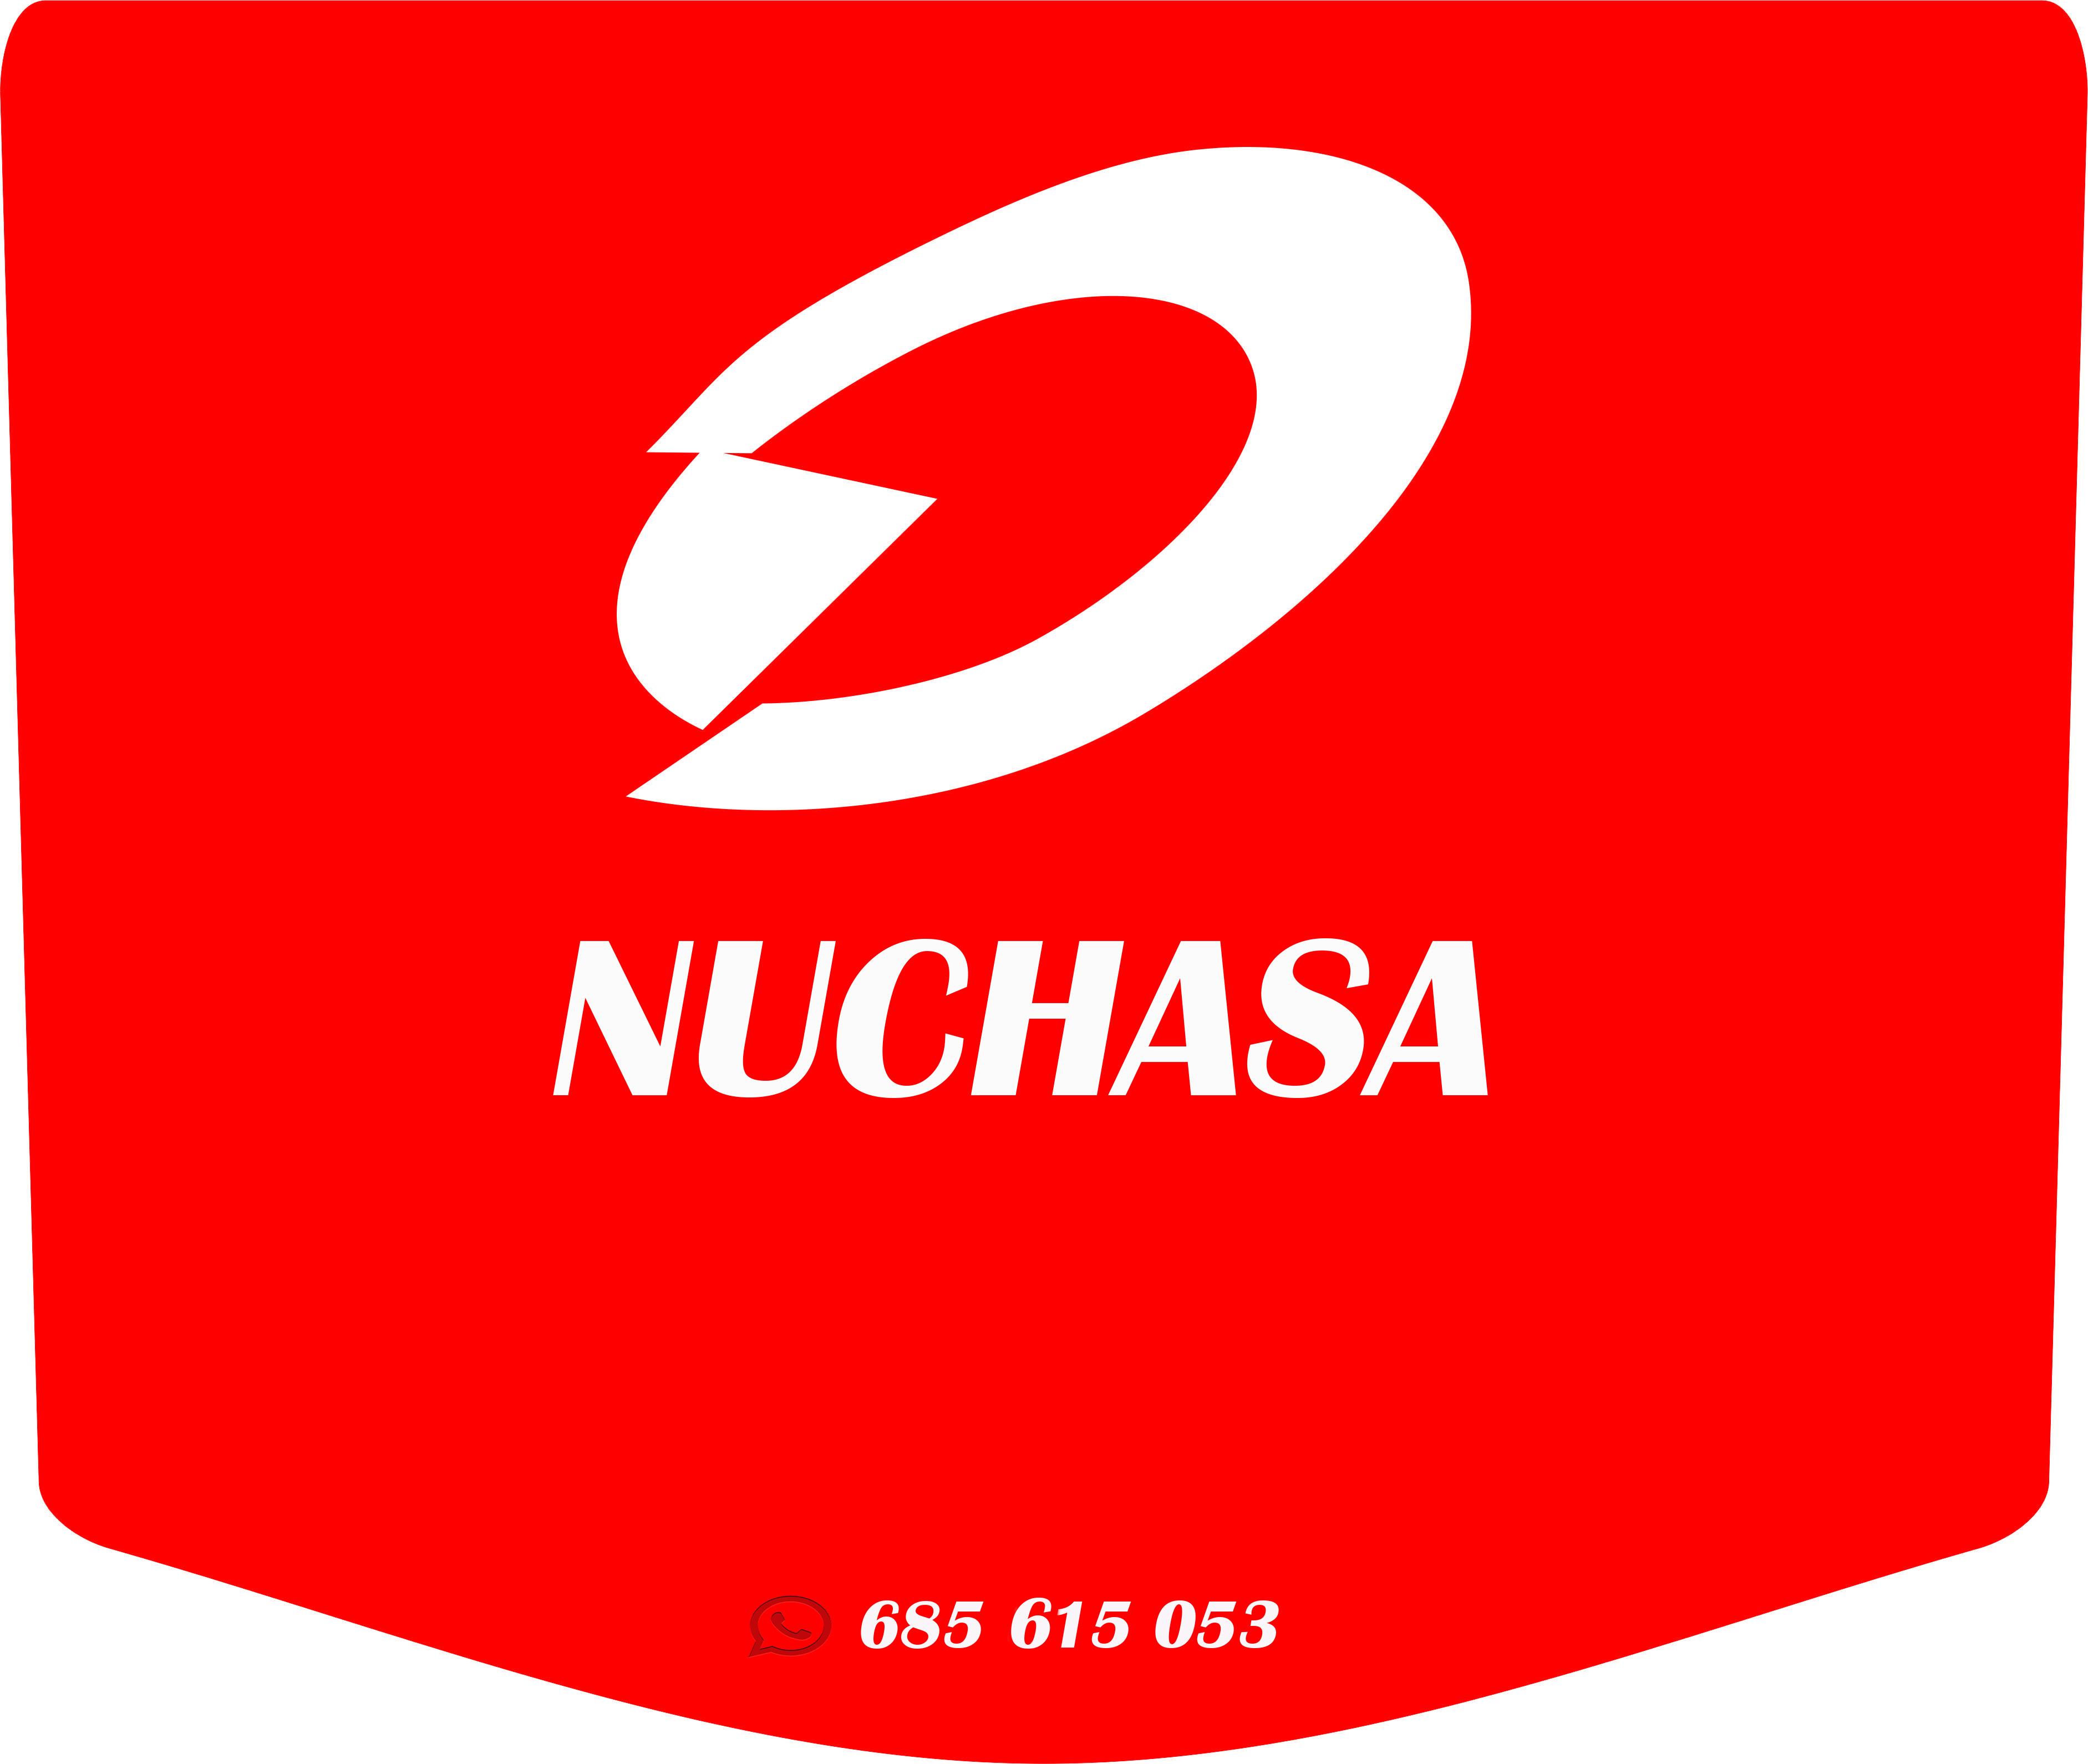 Nuchasa